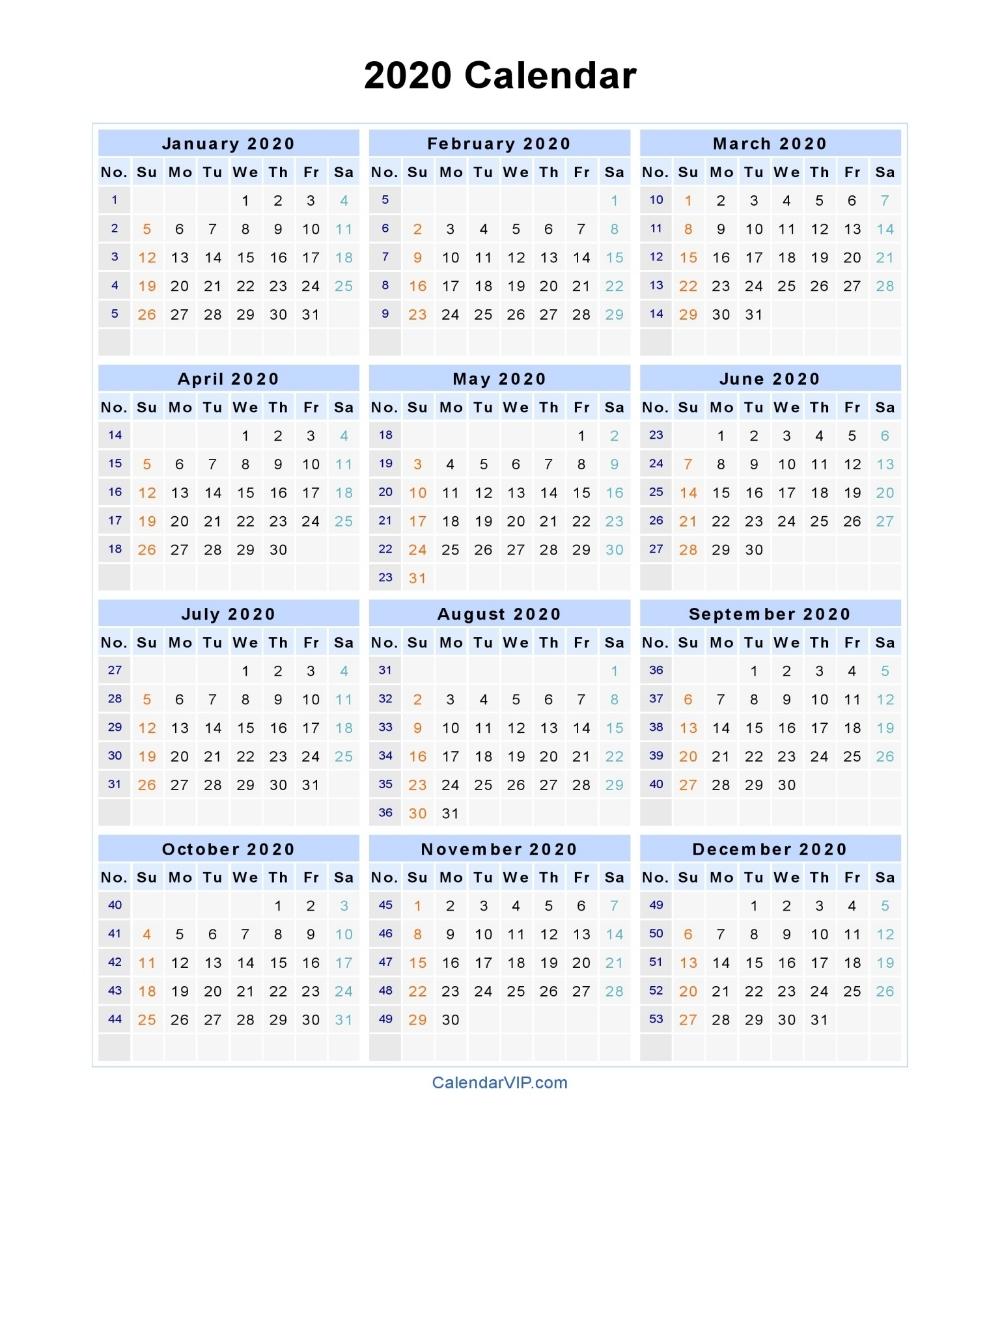 2020 Calendar - Blank Printable Calendar Template In Pdf Dashing 2020 Calendar Numbered Weeks